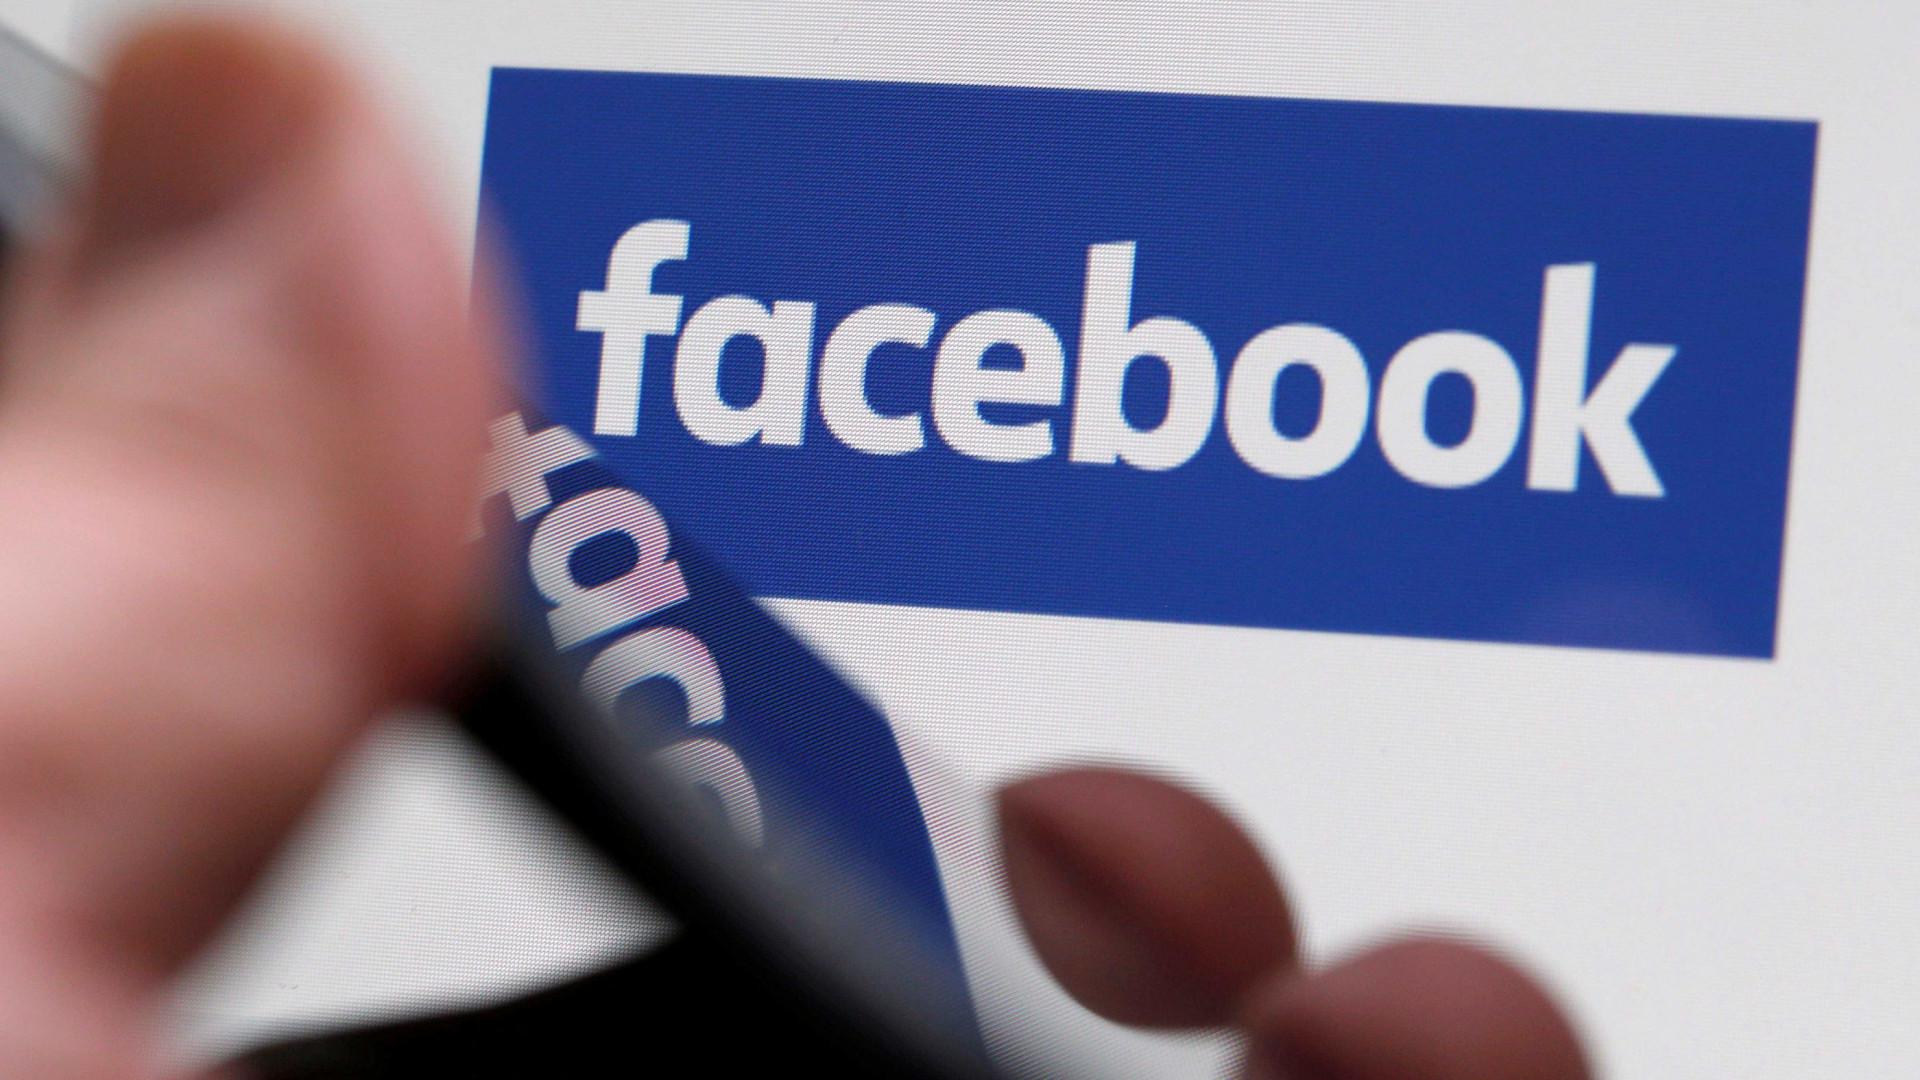 Conheça o 'Downvote', nova opção do Facebook para denunciar comentários